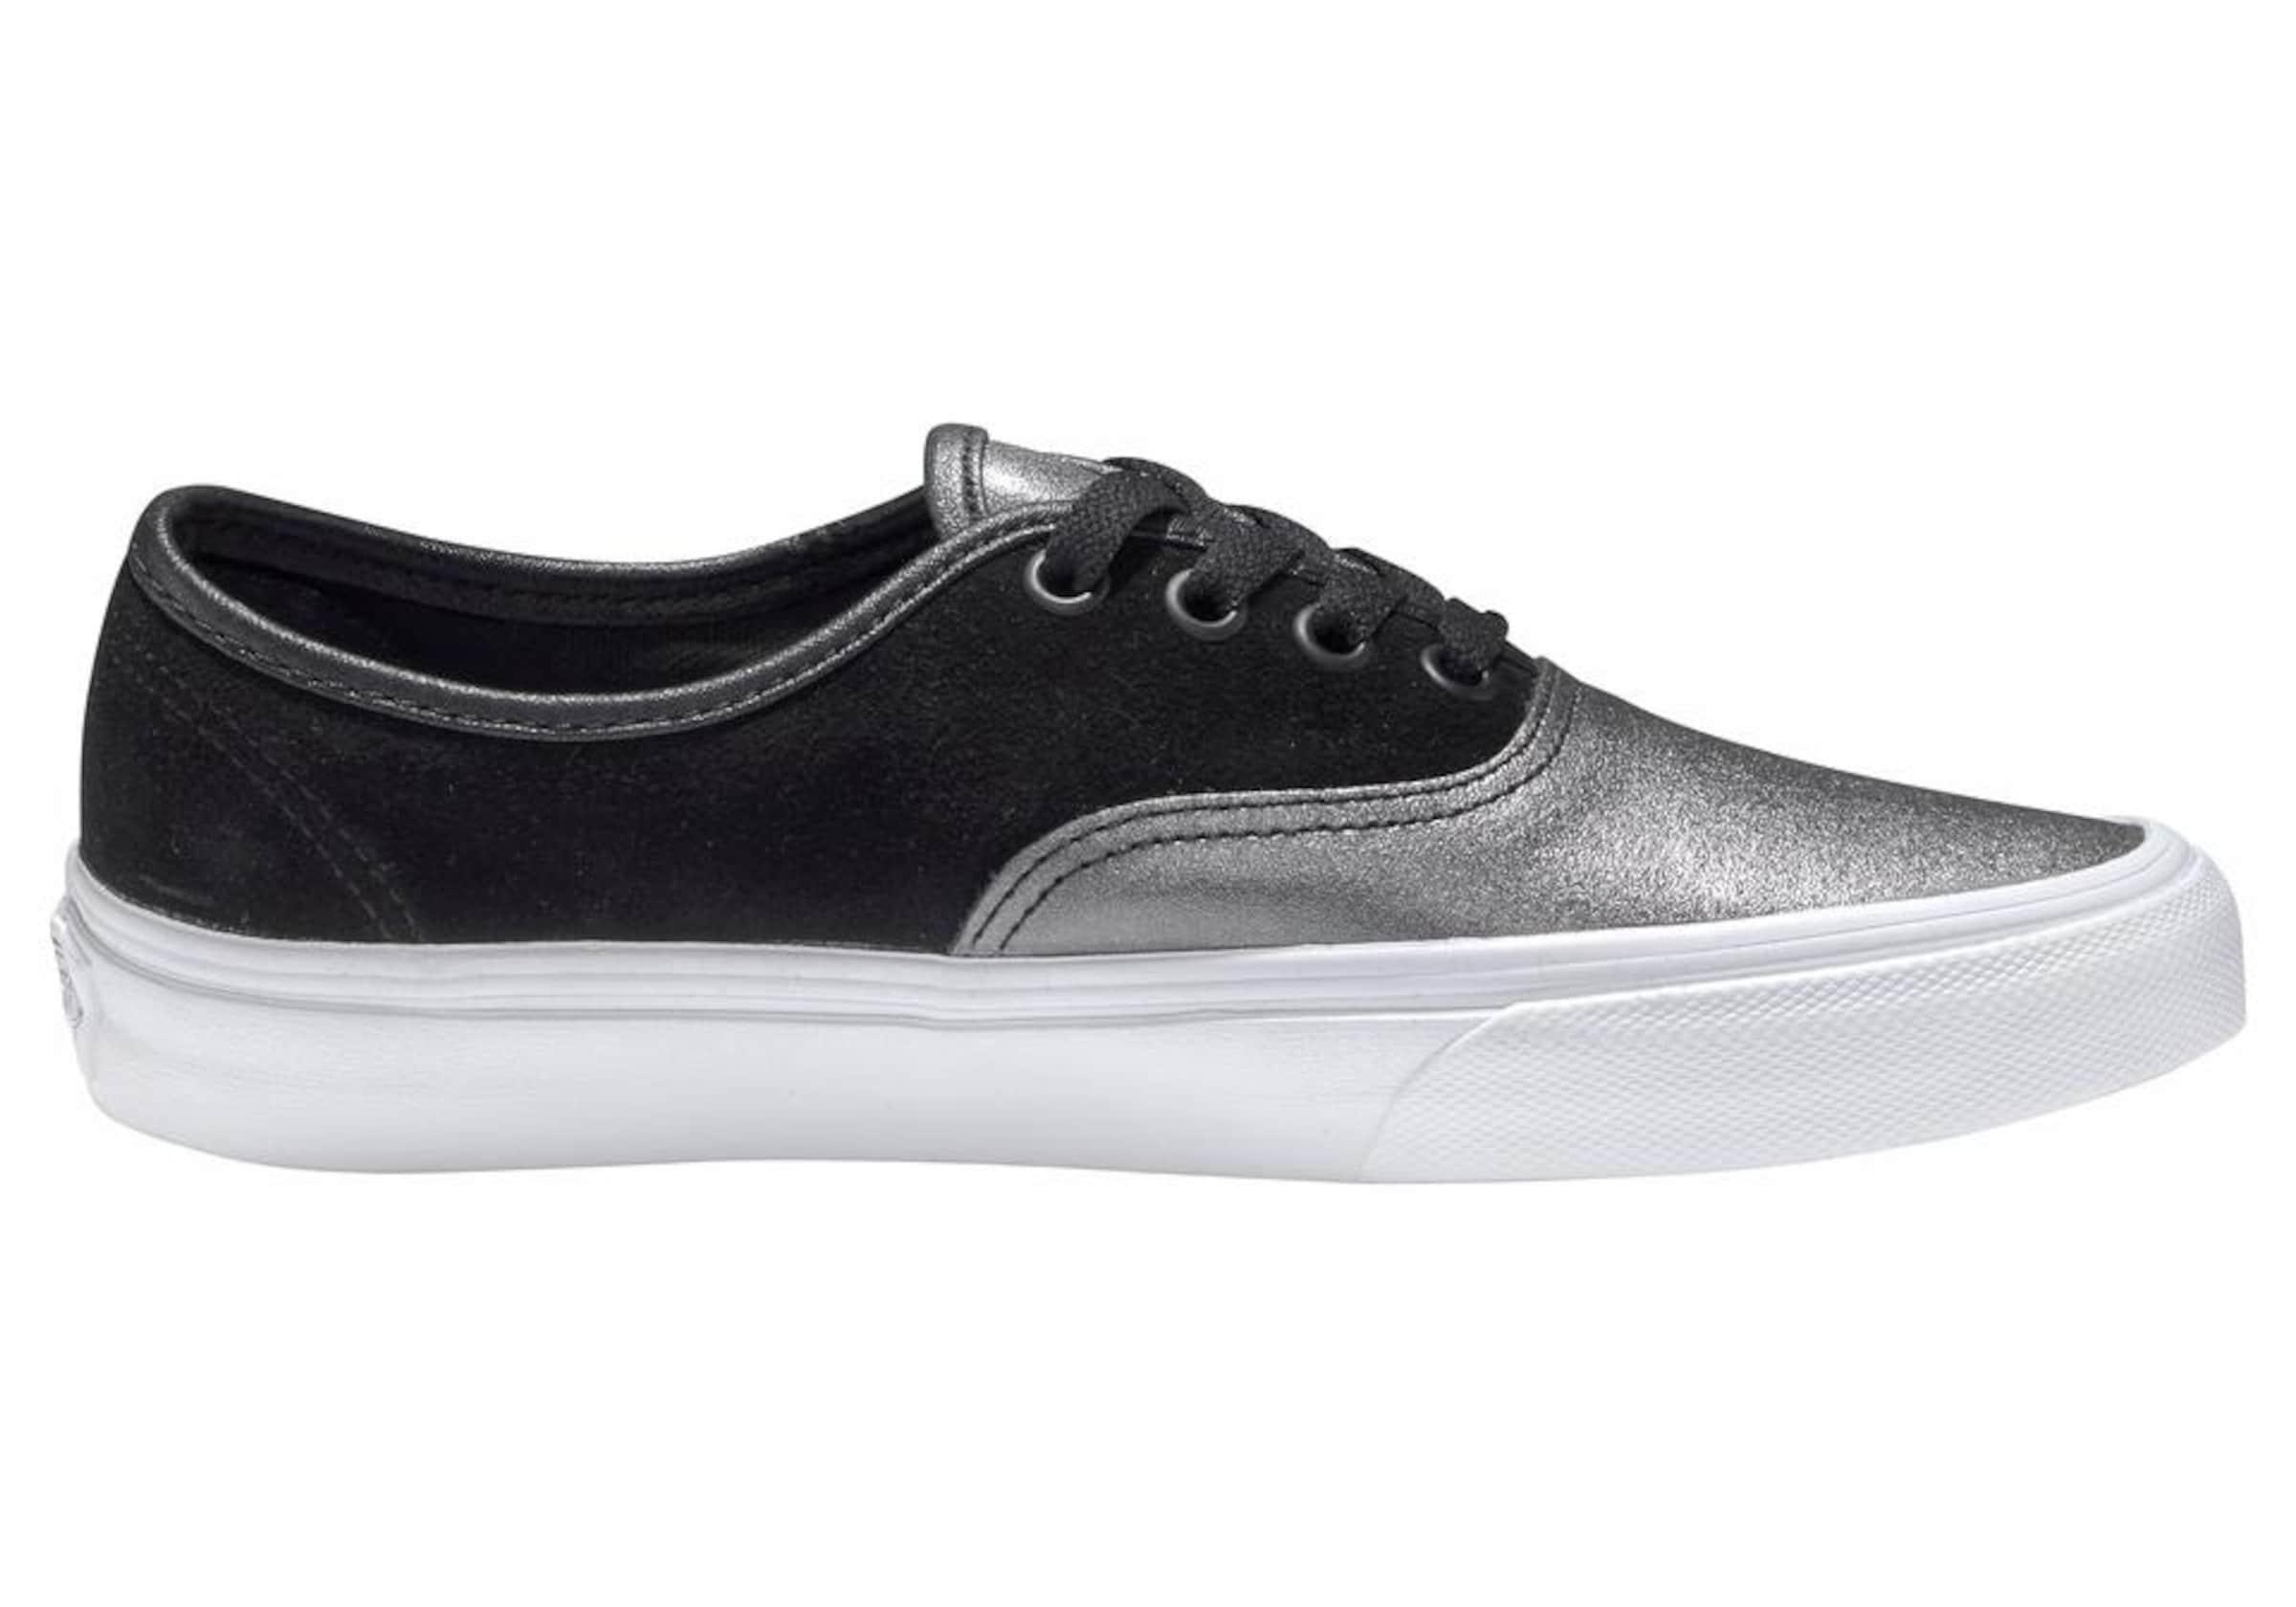 VANS Sneaker 'Authentic' 2018 Neuer Günstiger Preis Factory-Outlet-Verkauf Neu Rabatt Mit Paypal KSJ7y2c2